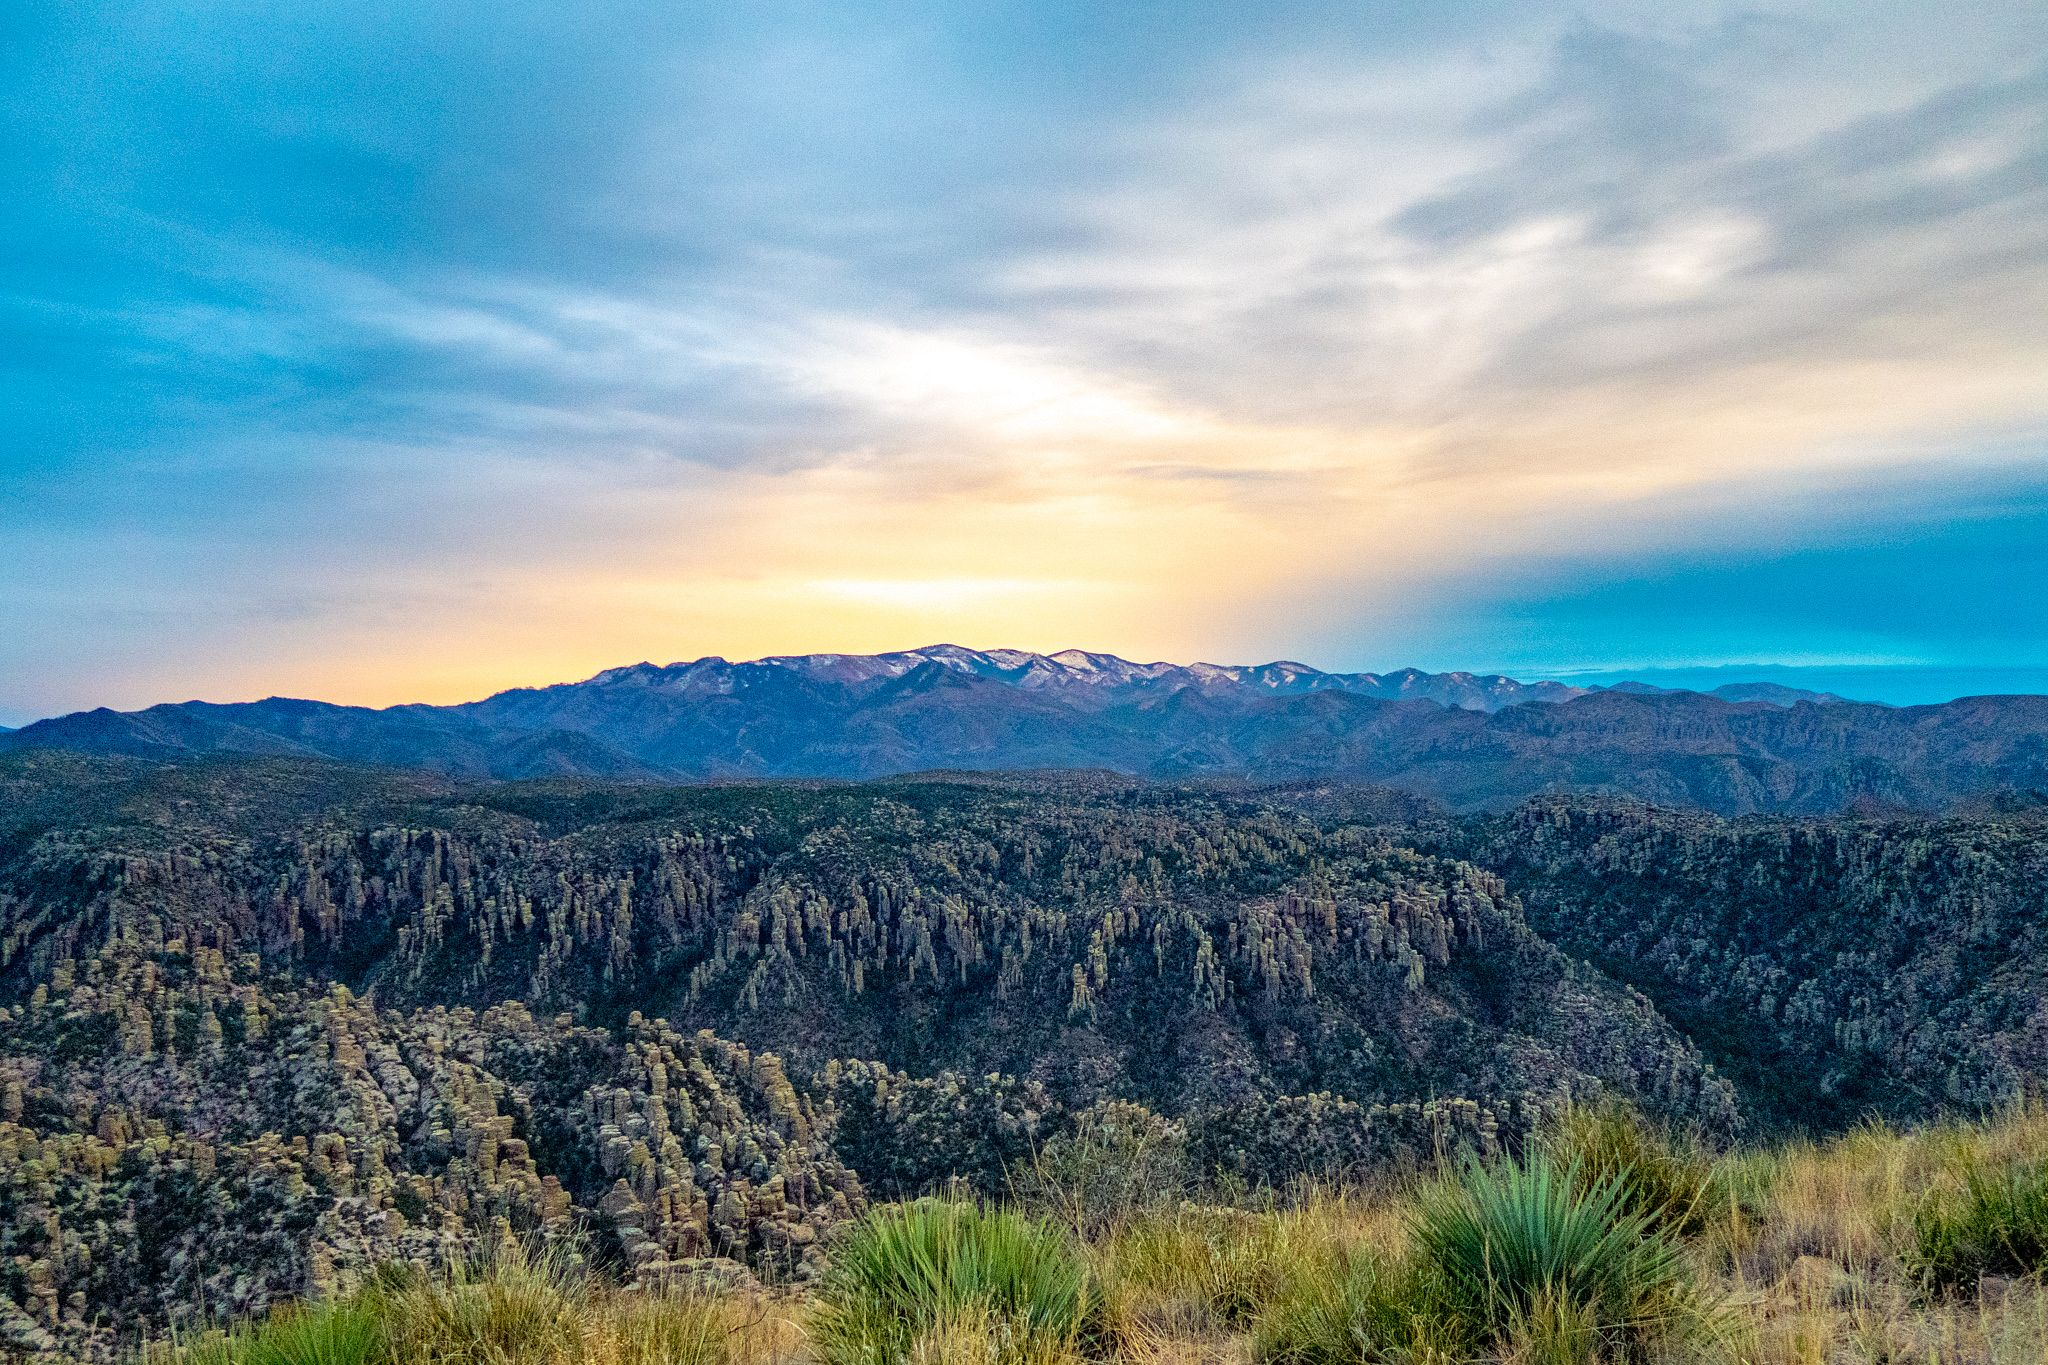 Chiricahua National Monument - A Hidden Gem?